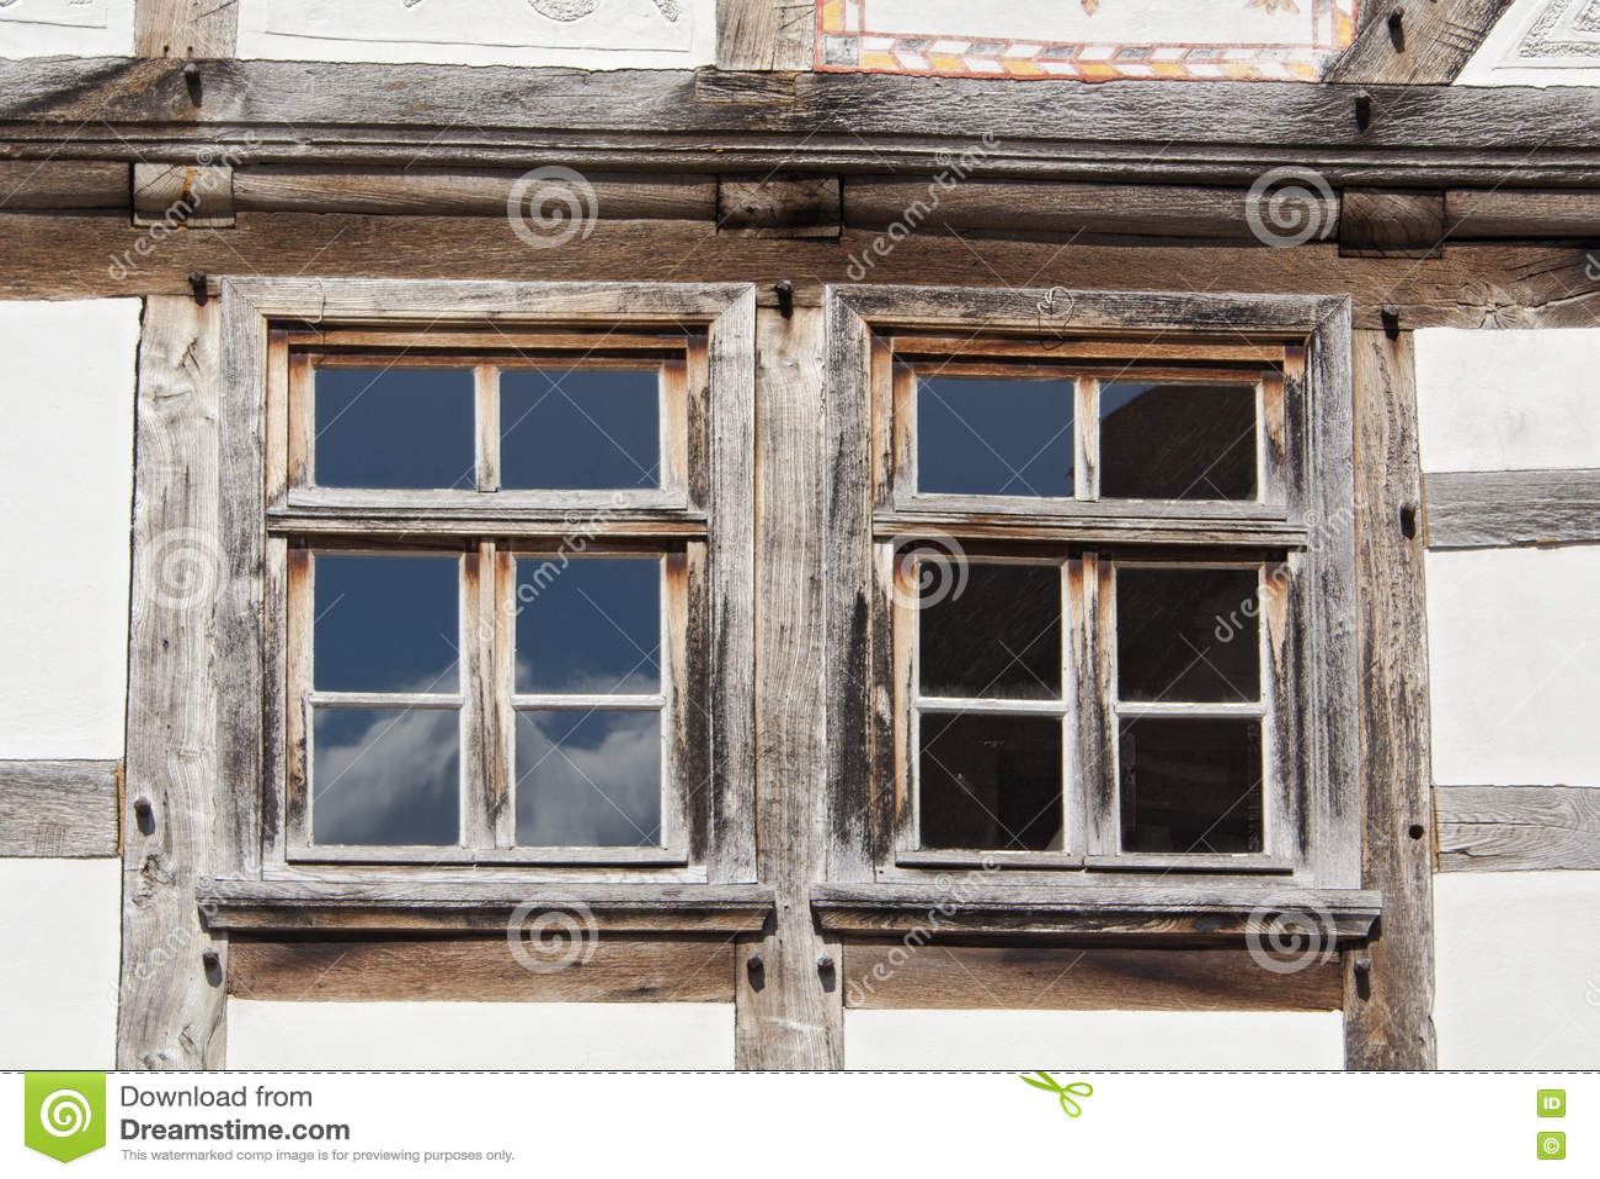 zwei fenster in einem fachwerk haus stockbild bild von frontseite zwei 70381311. Black Bedroom Furniture Sets. Home Design Ideas